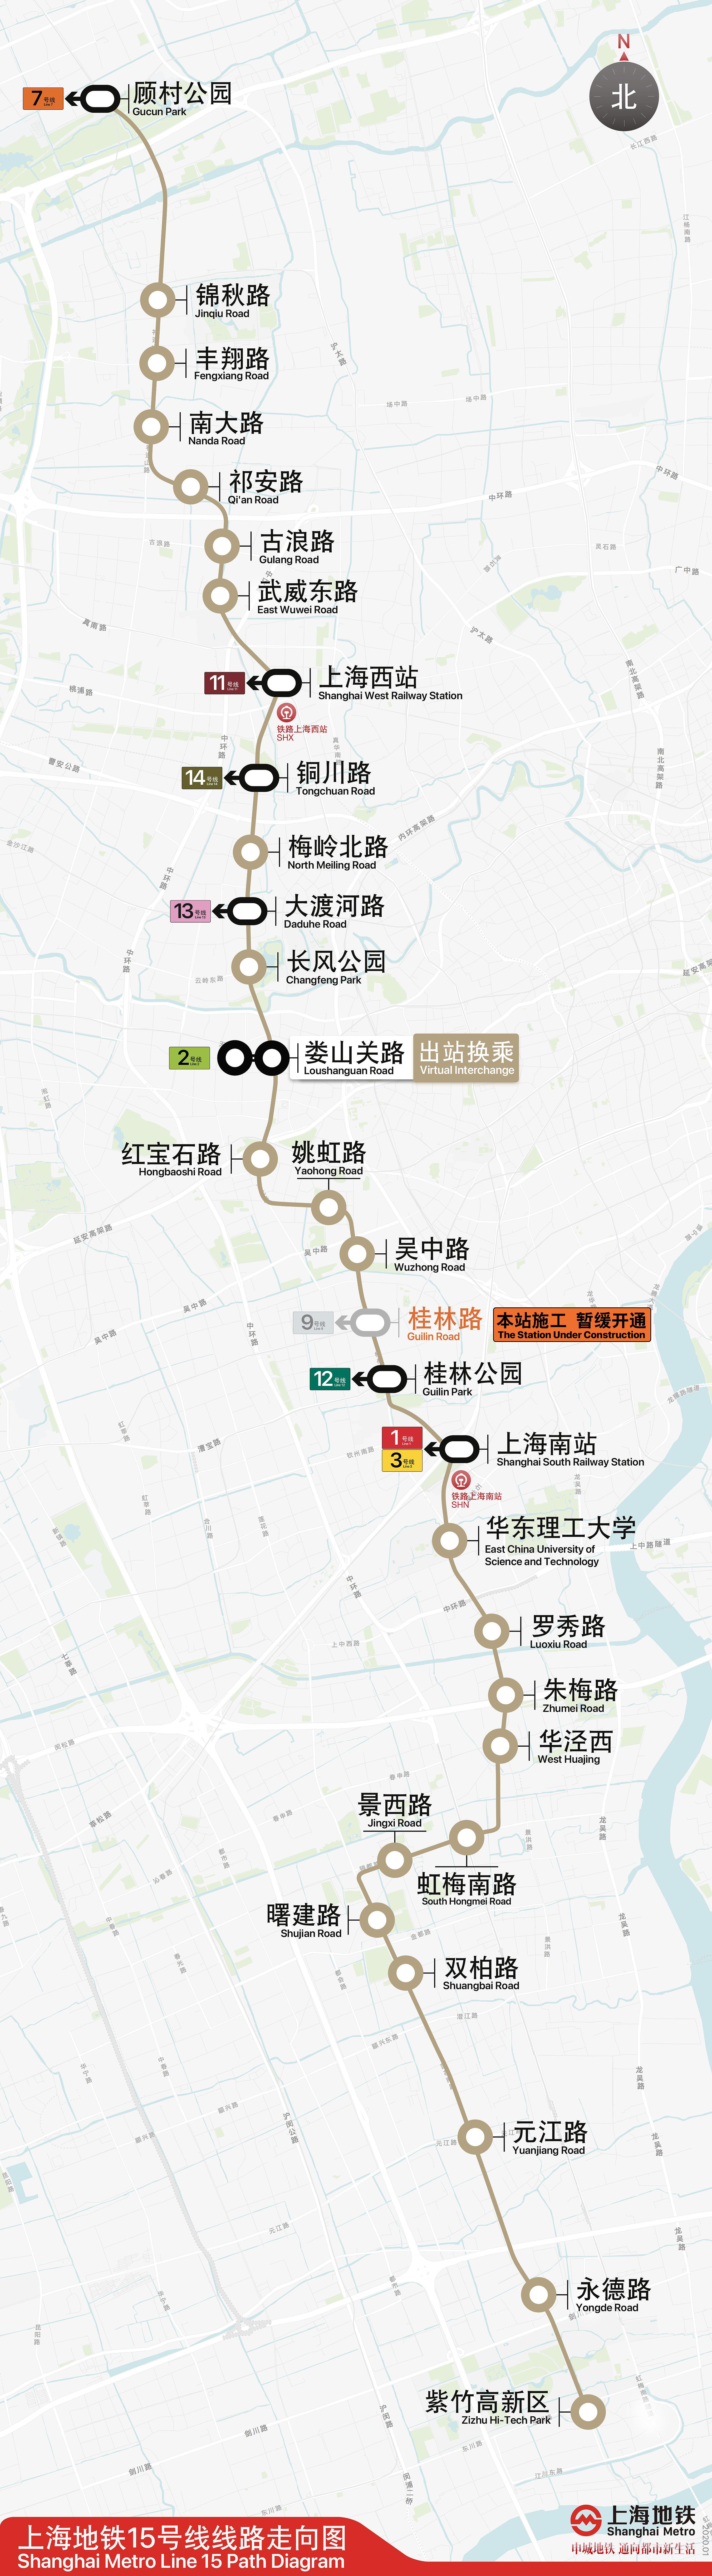 上海地铁 供图